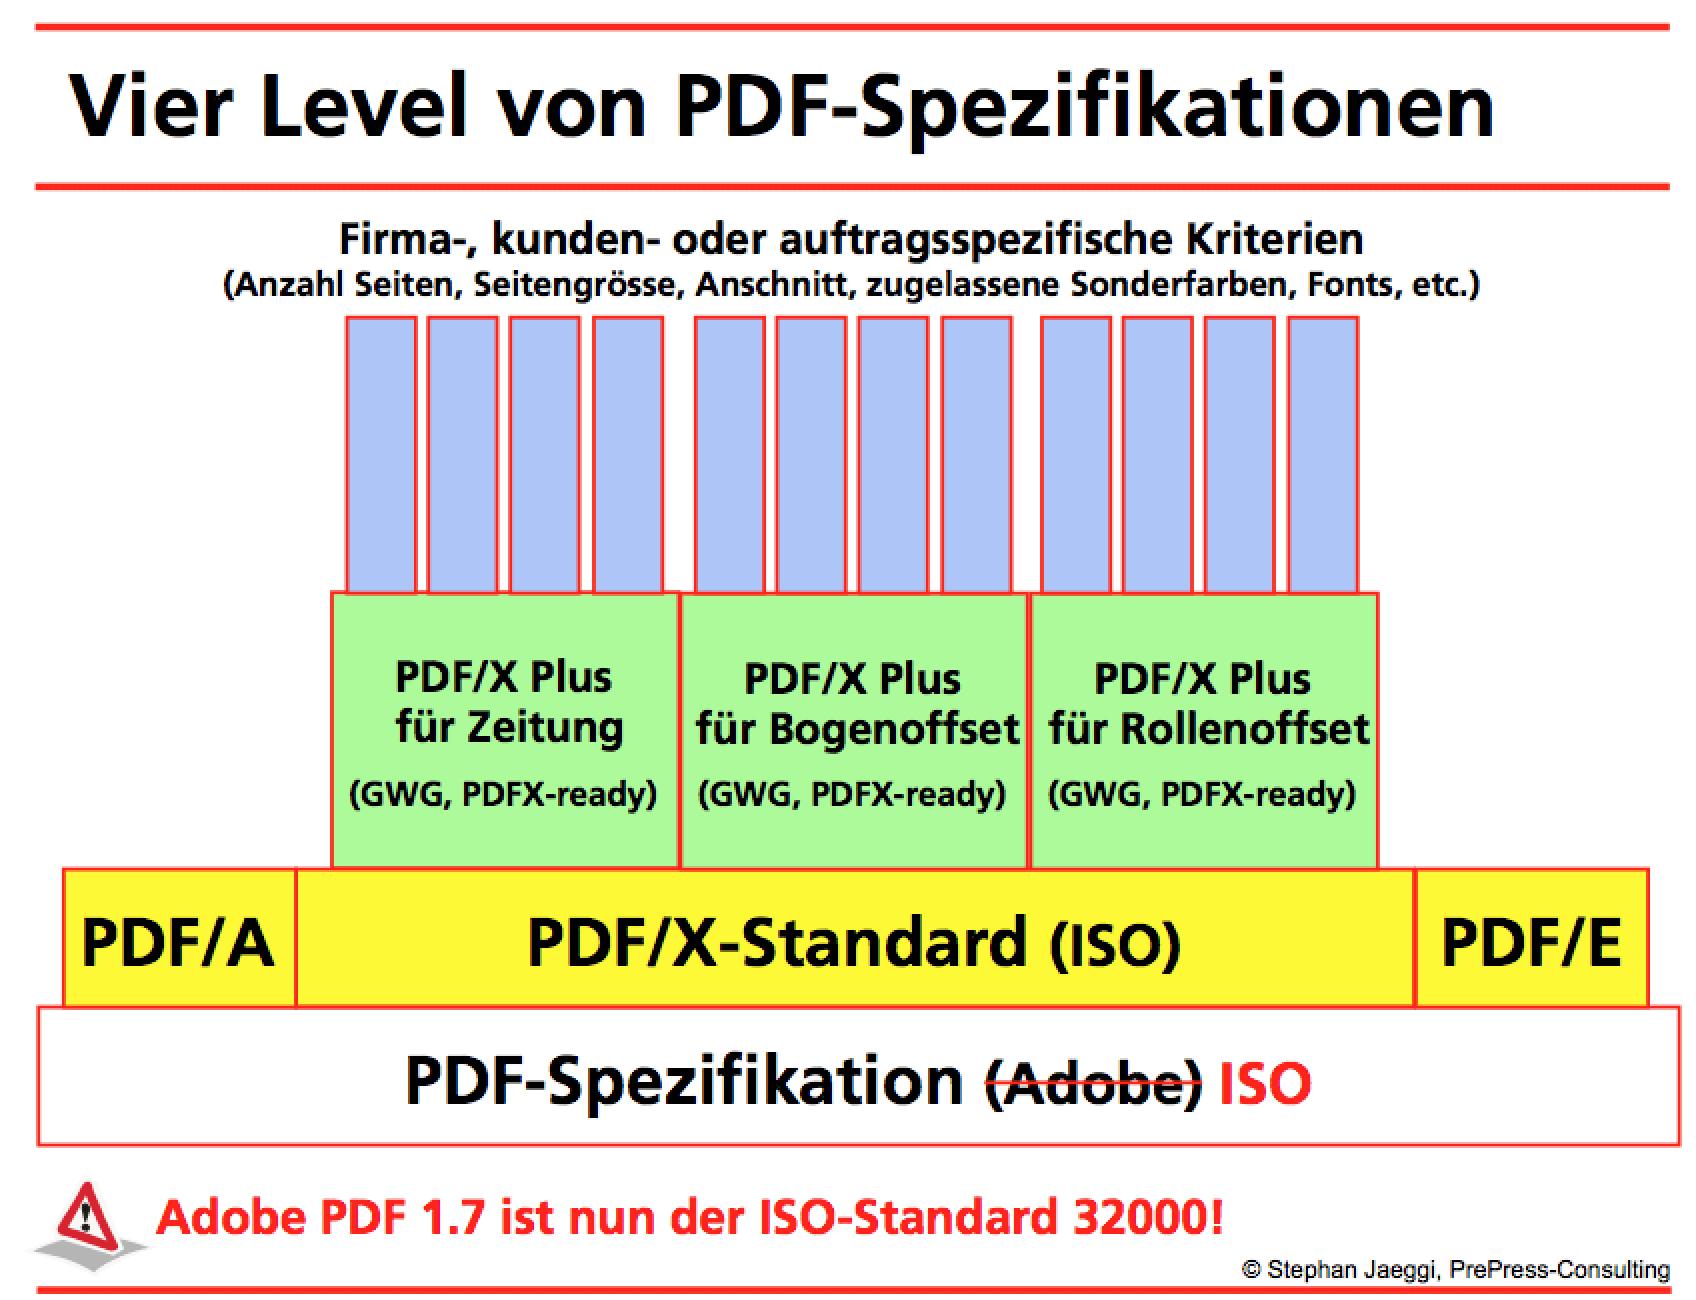 Vier Level con PDF-Spezifikationen